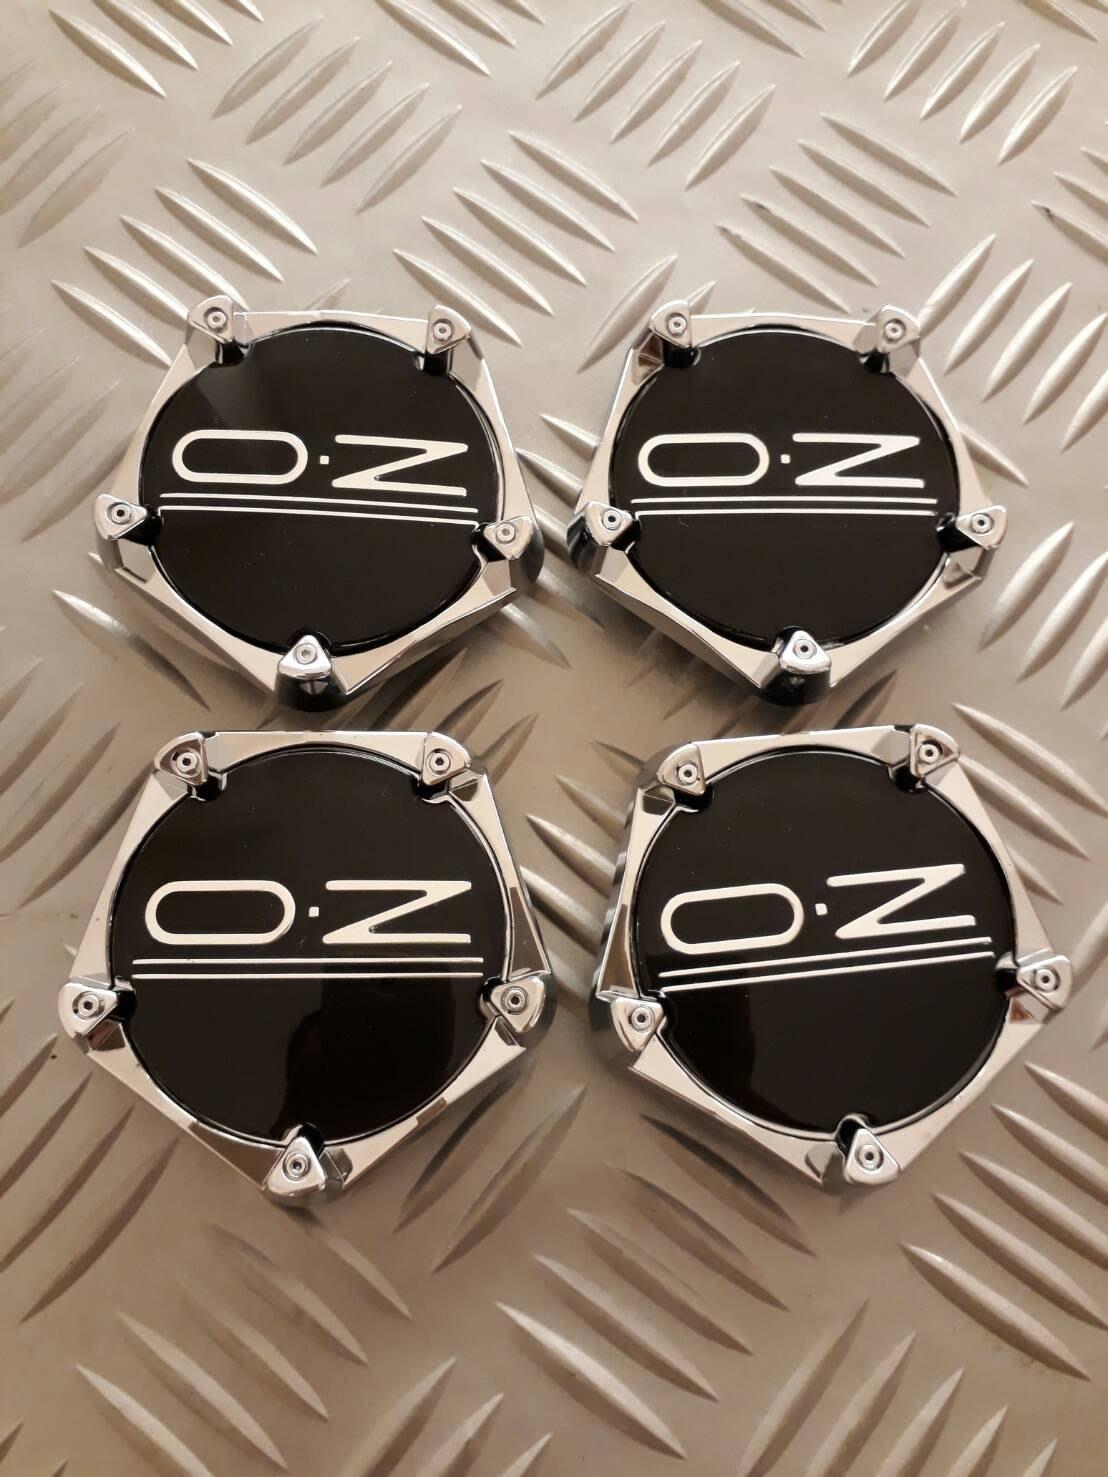 OZ 正品 M582 OZ 鋁圈蓋 OZ中心蓋  OZ輪圈蓋 M582 O.Z X LINE ENERGY MBFP